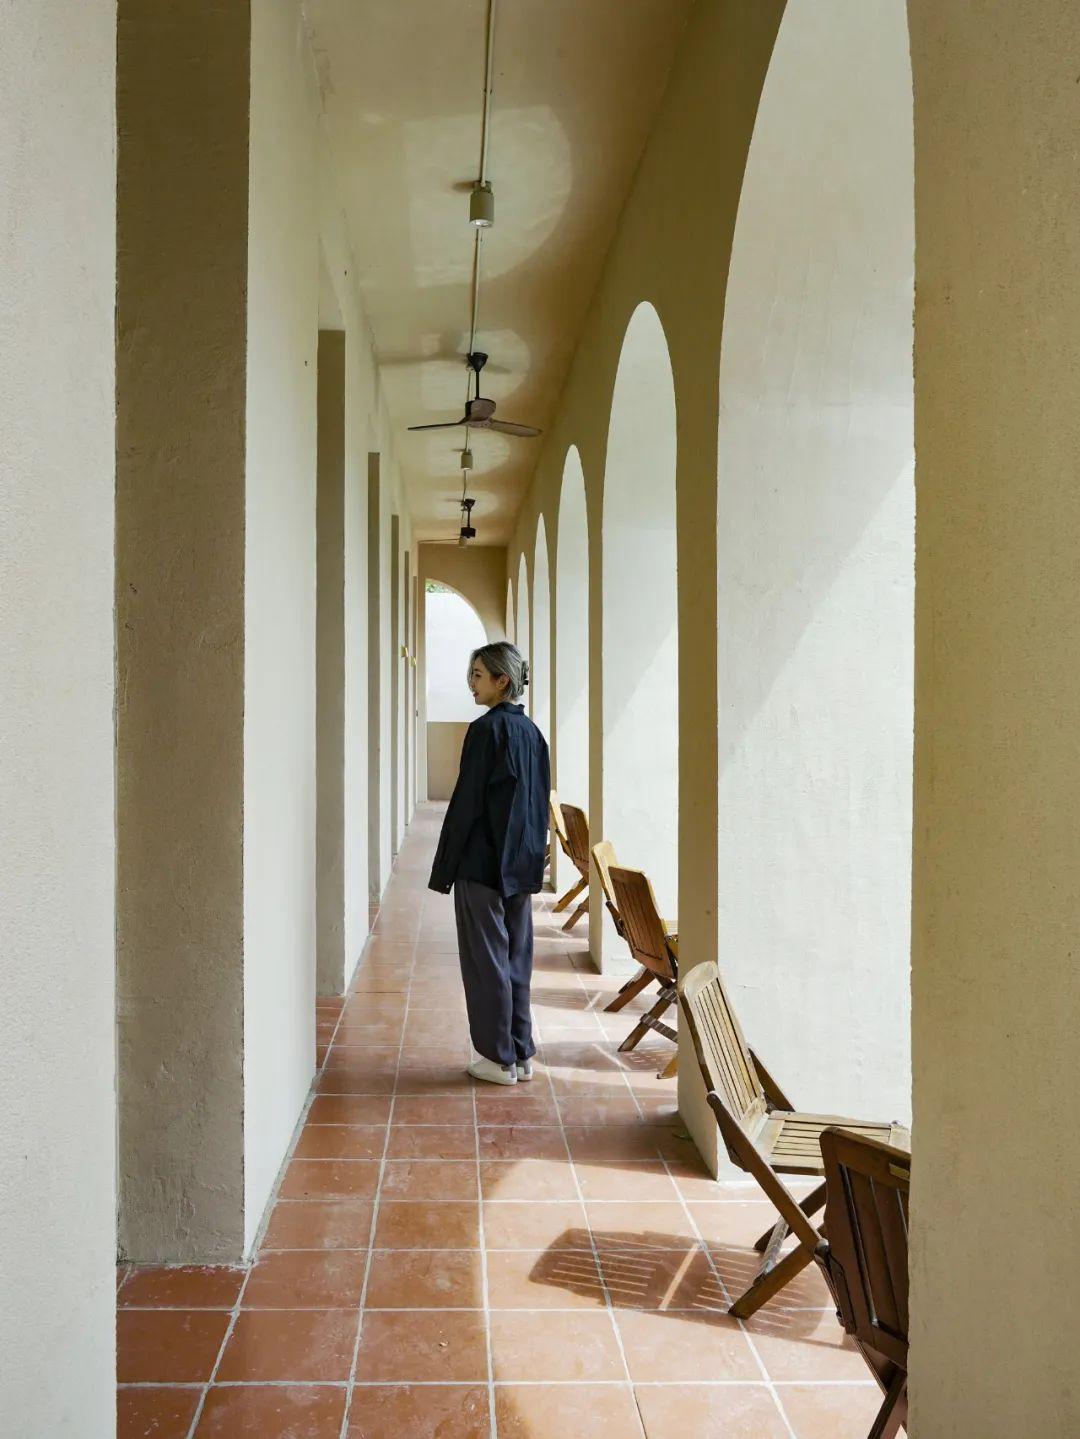 Hội bạn thân đồng loạt từ chức rời thành phố, thuê 1000 m² ở nông thôn để được sống là chính mình - Ảnh 13.